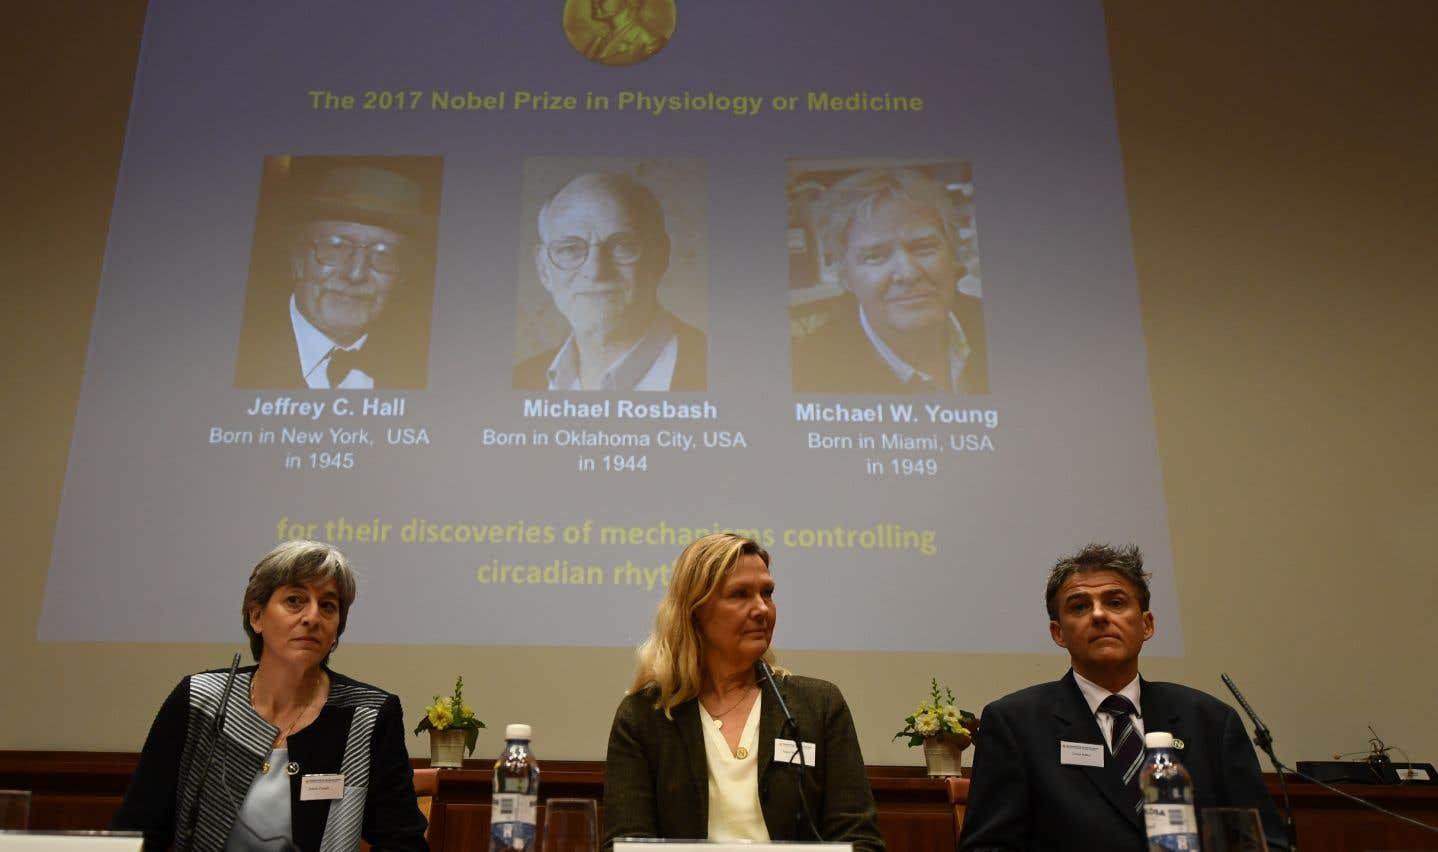 Le Nobel de médecine décerné à trois Américains spécialistes de l'horloge biologique